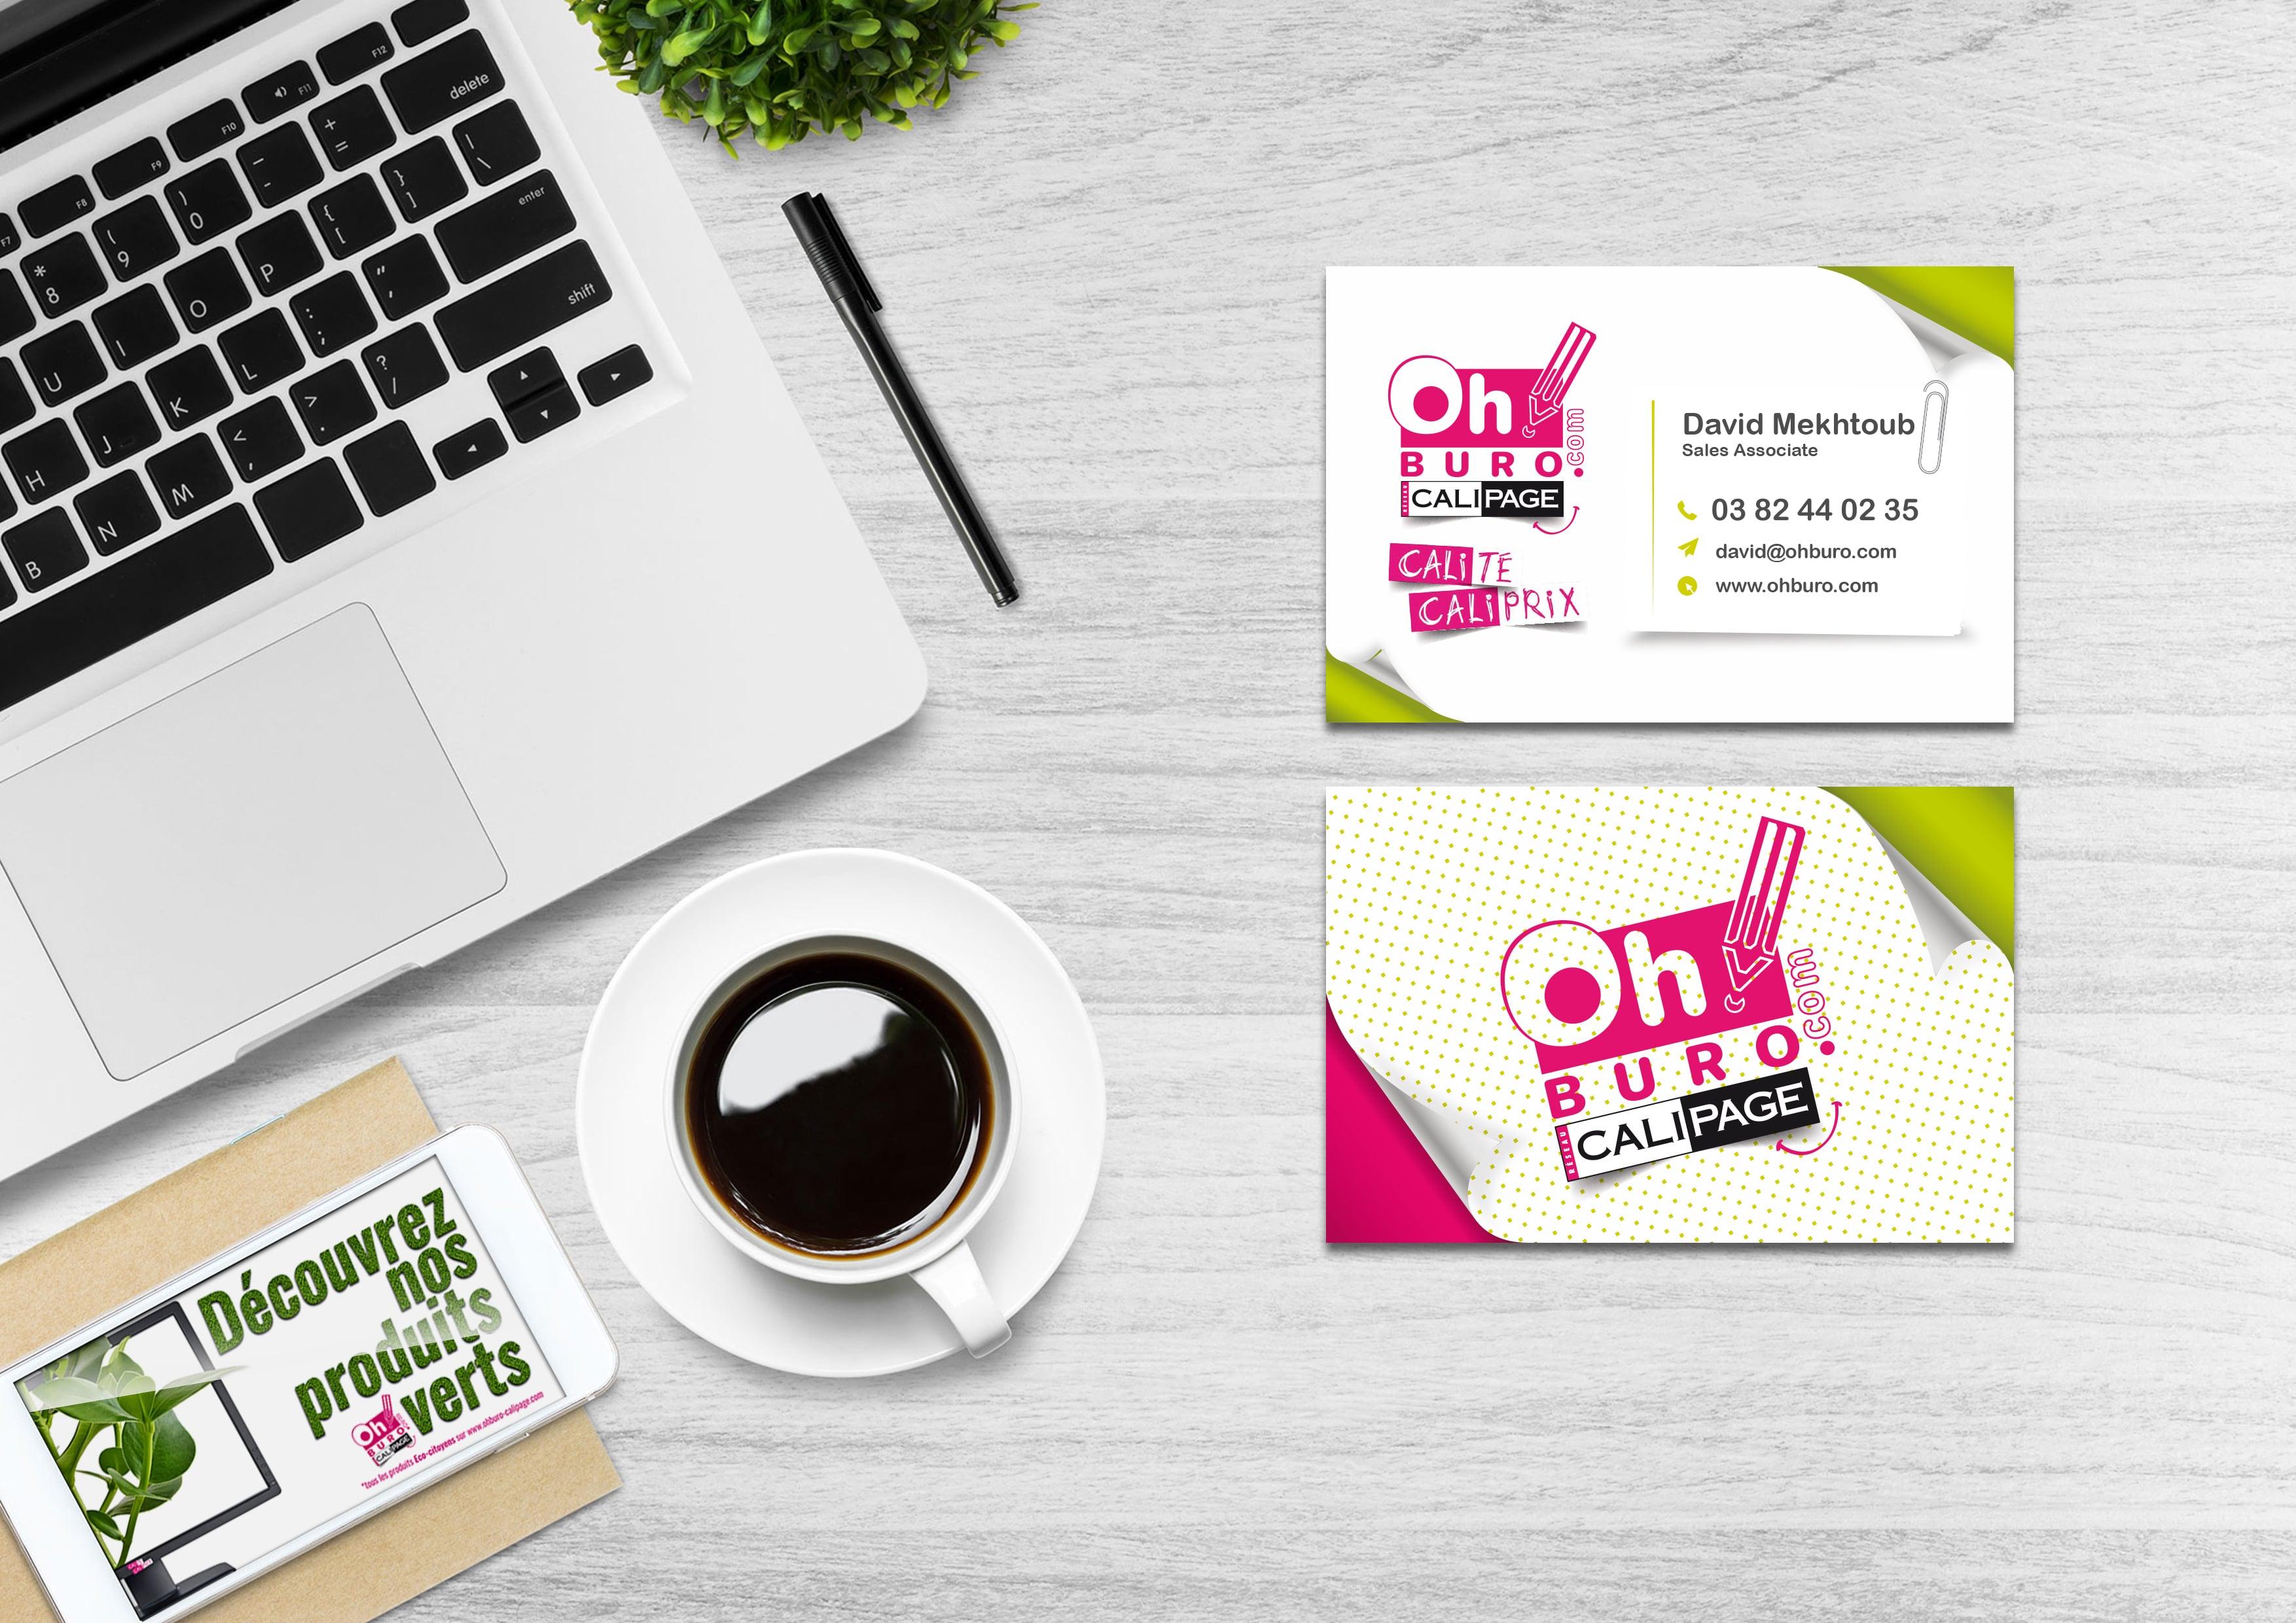 Ohburo -  réalisation des cartes de visites - design et impression